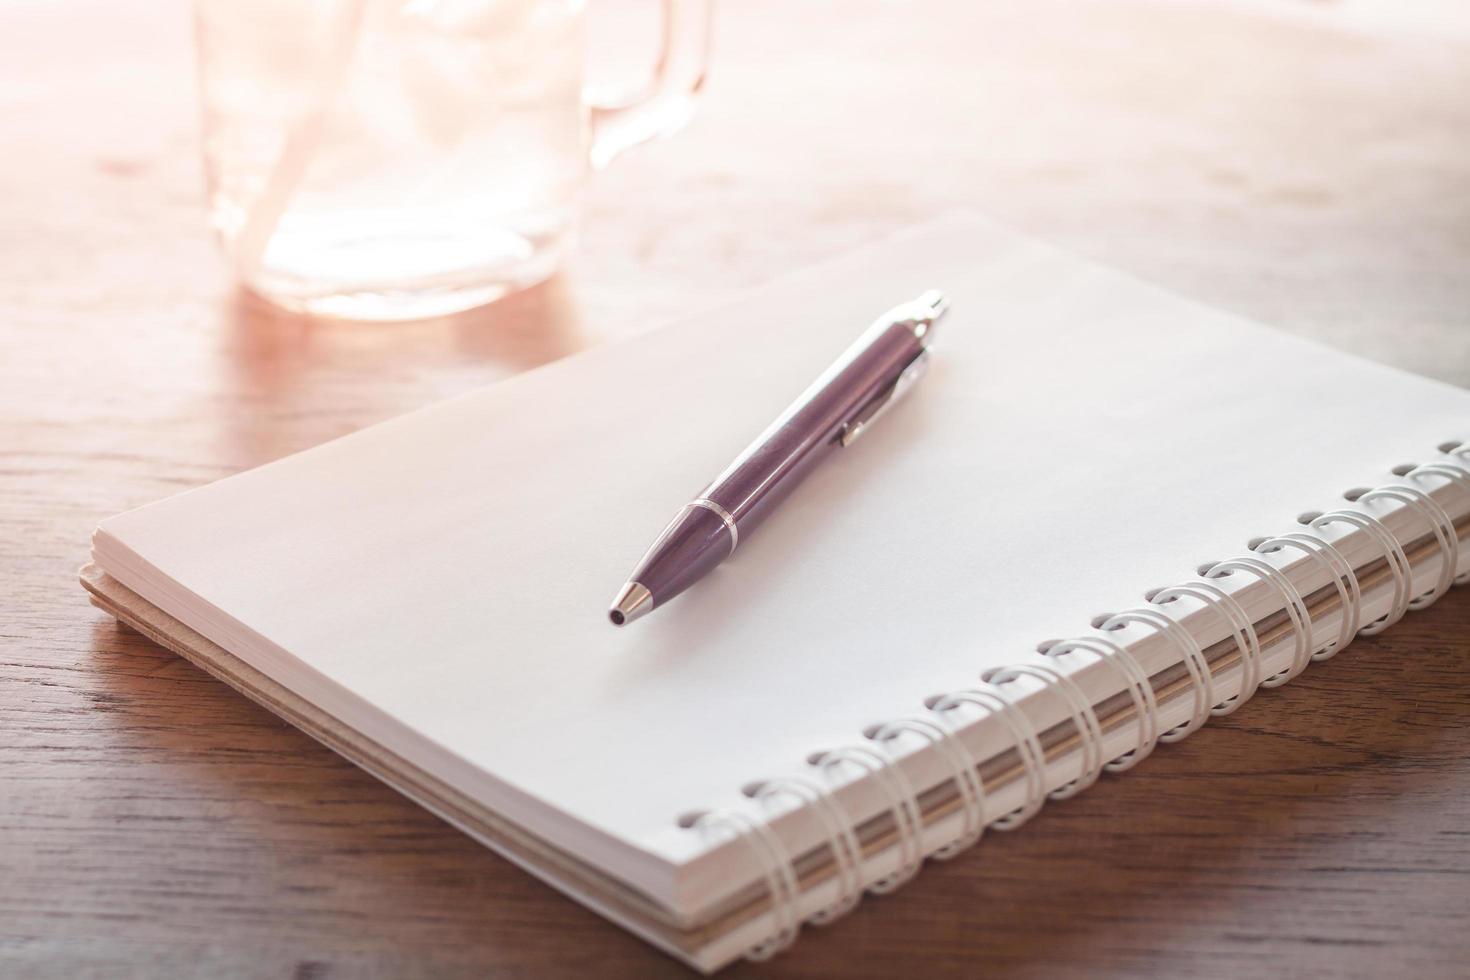 zonlicht op een notitieboekje en een pen foto